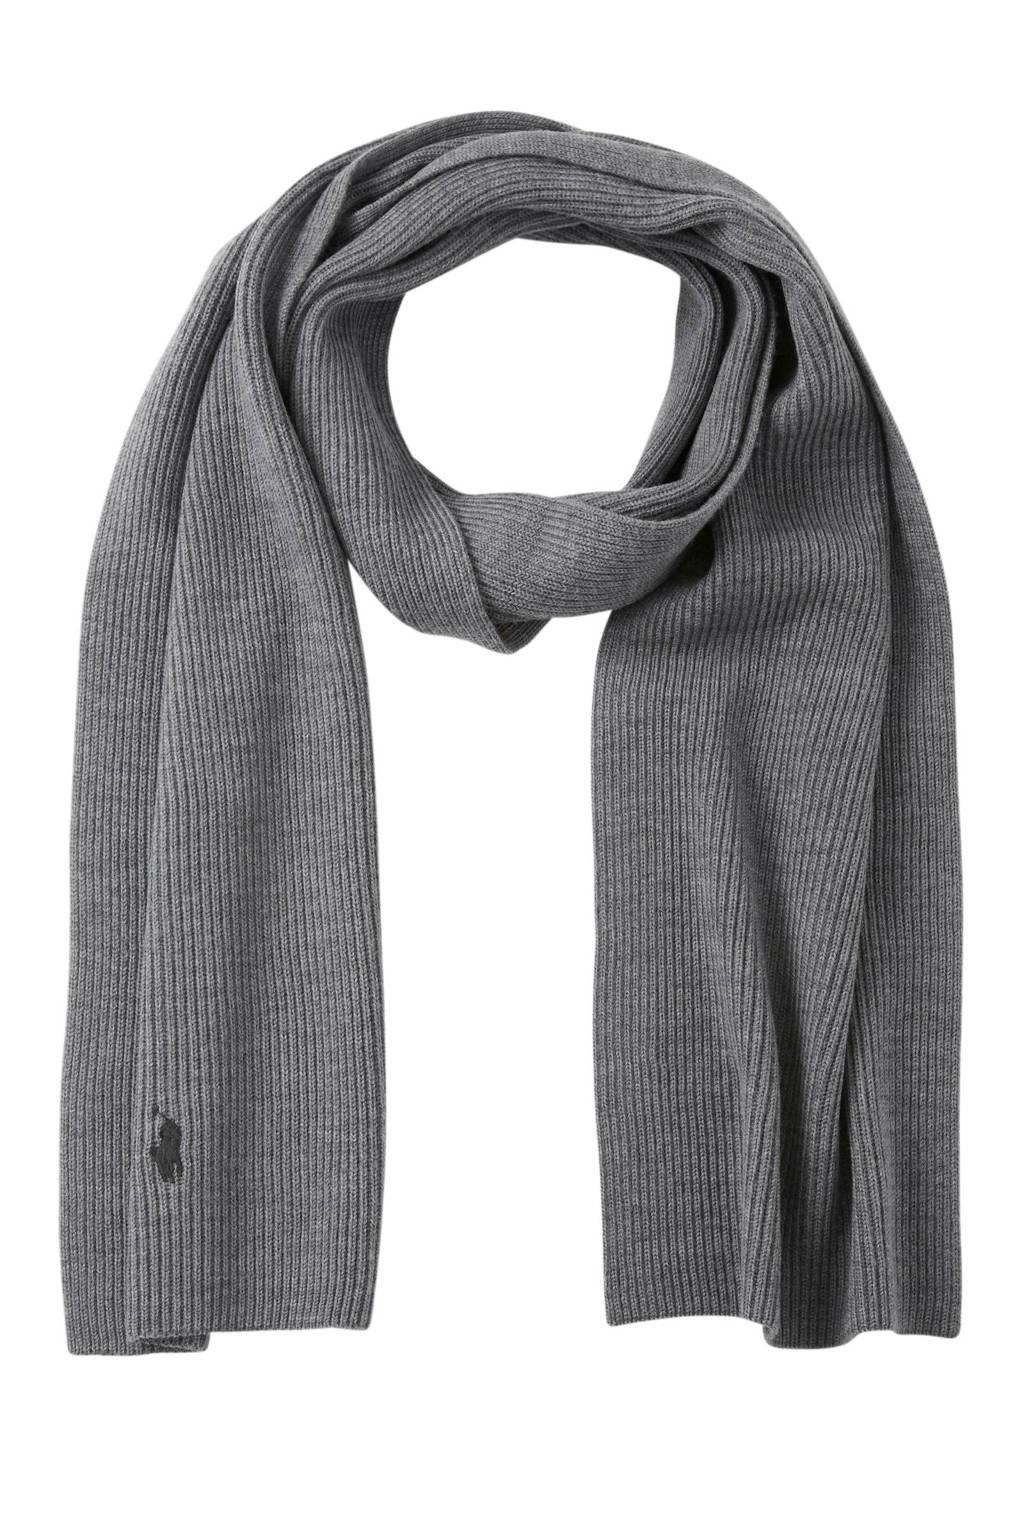 POLO Ralph Lauren sjaal grijs, Grijs